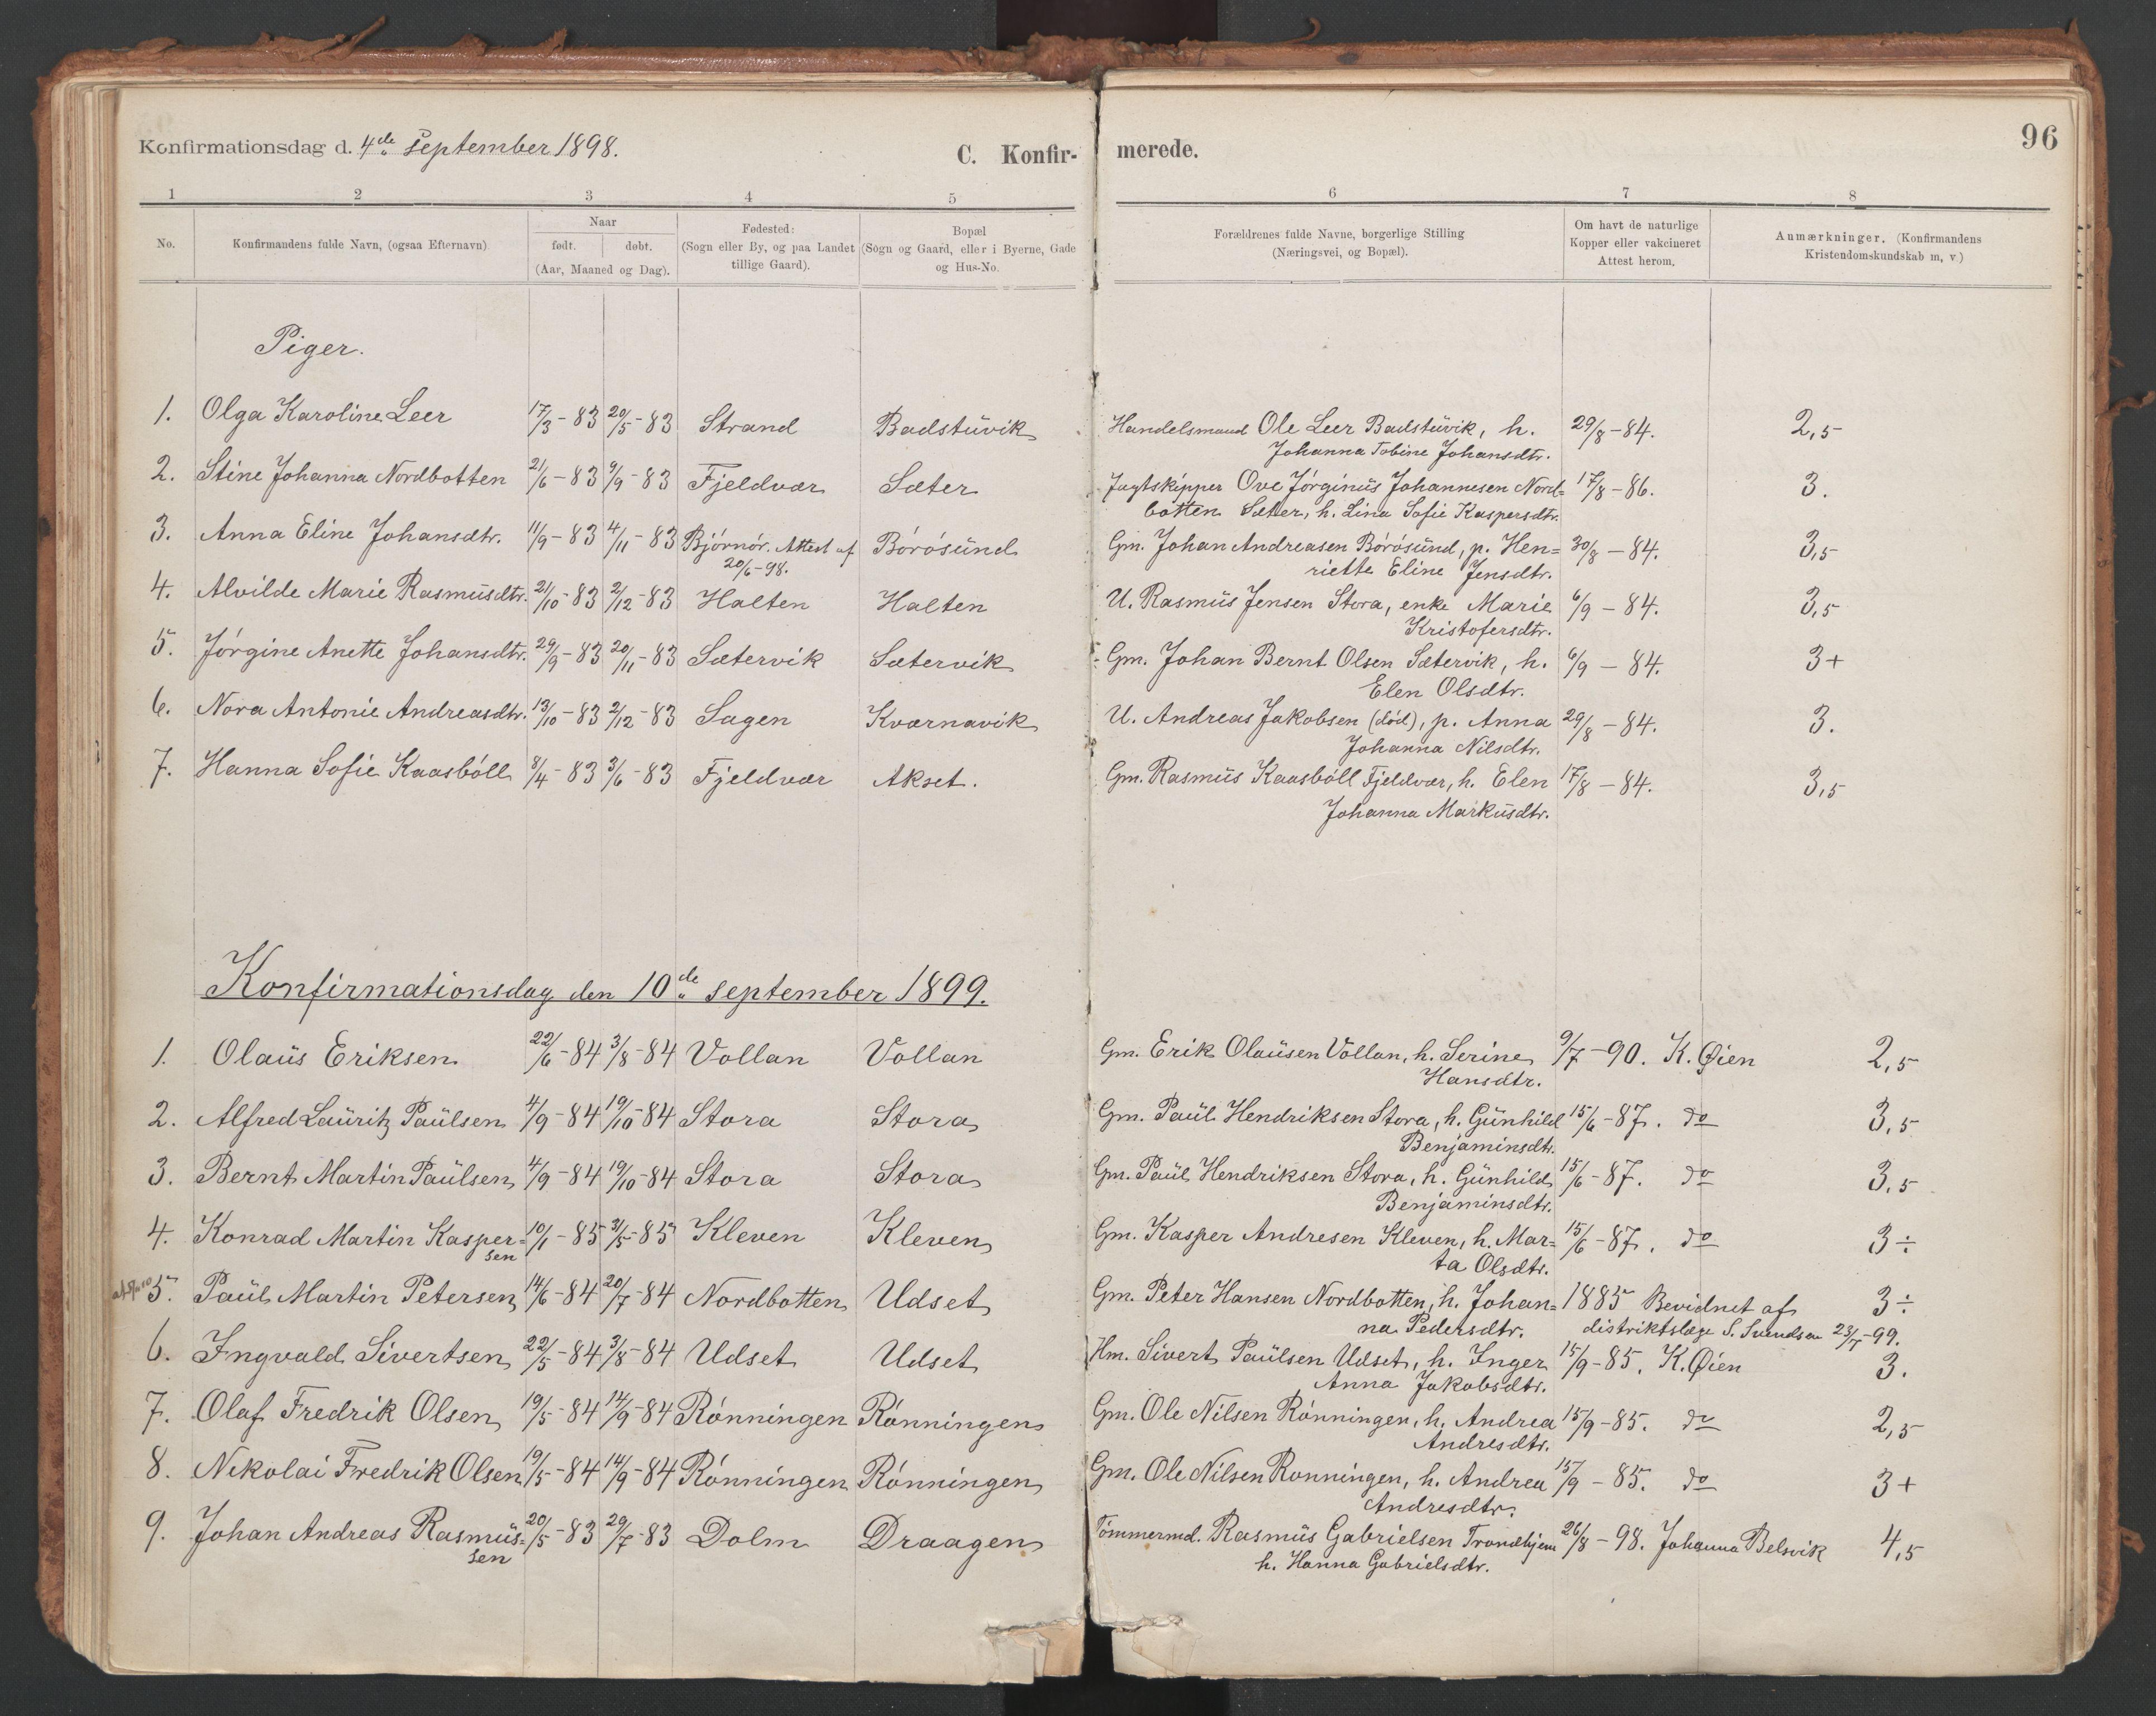 SAT, Ministerialprotokoller, klokkerbøker og fødselsregistre - Sør-Trøndelag, 639/L0572: Ministerialbok nr. 639A01, 1890-1920, s. 96